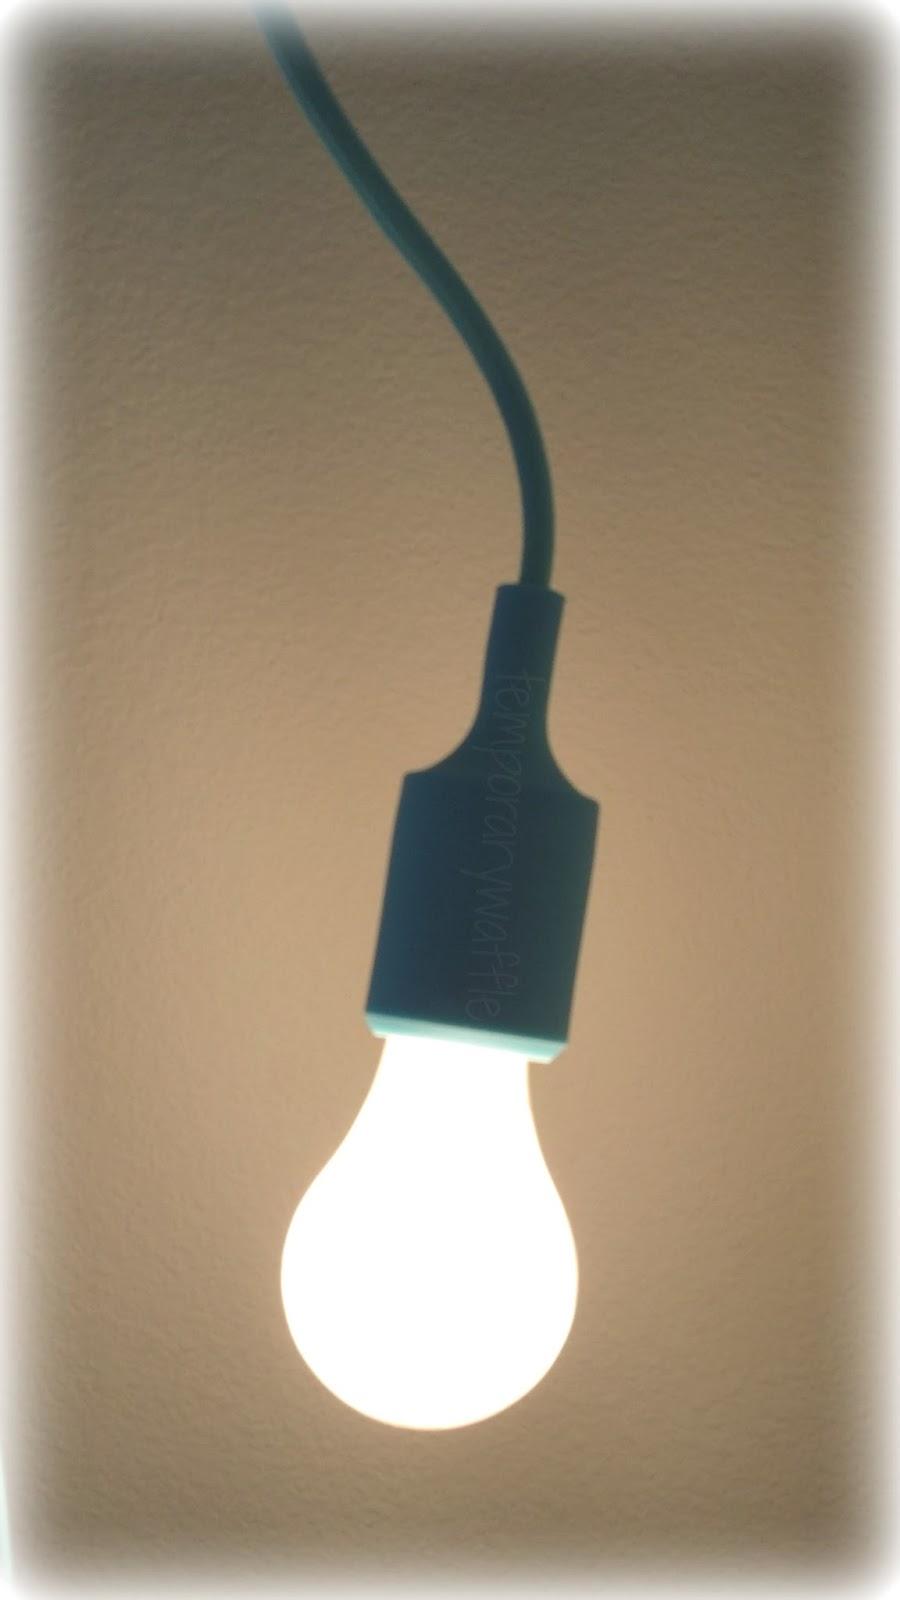 Temporary Light Bulb Socket